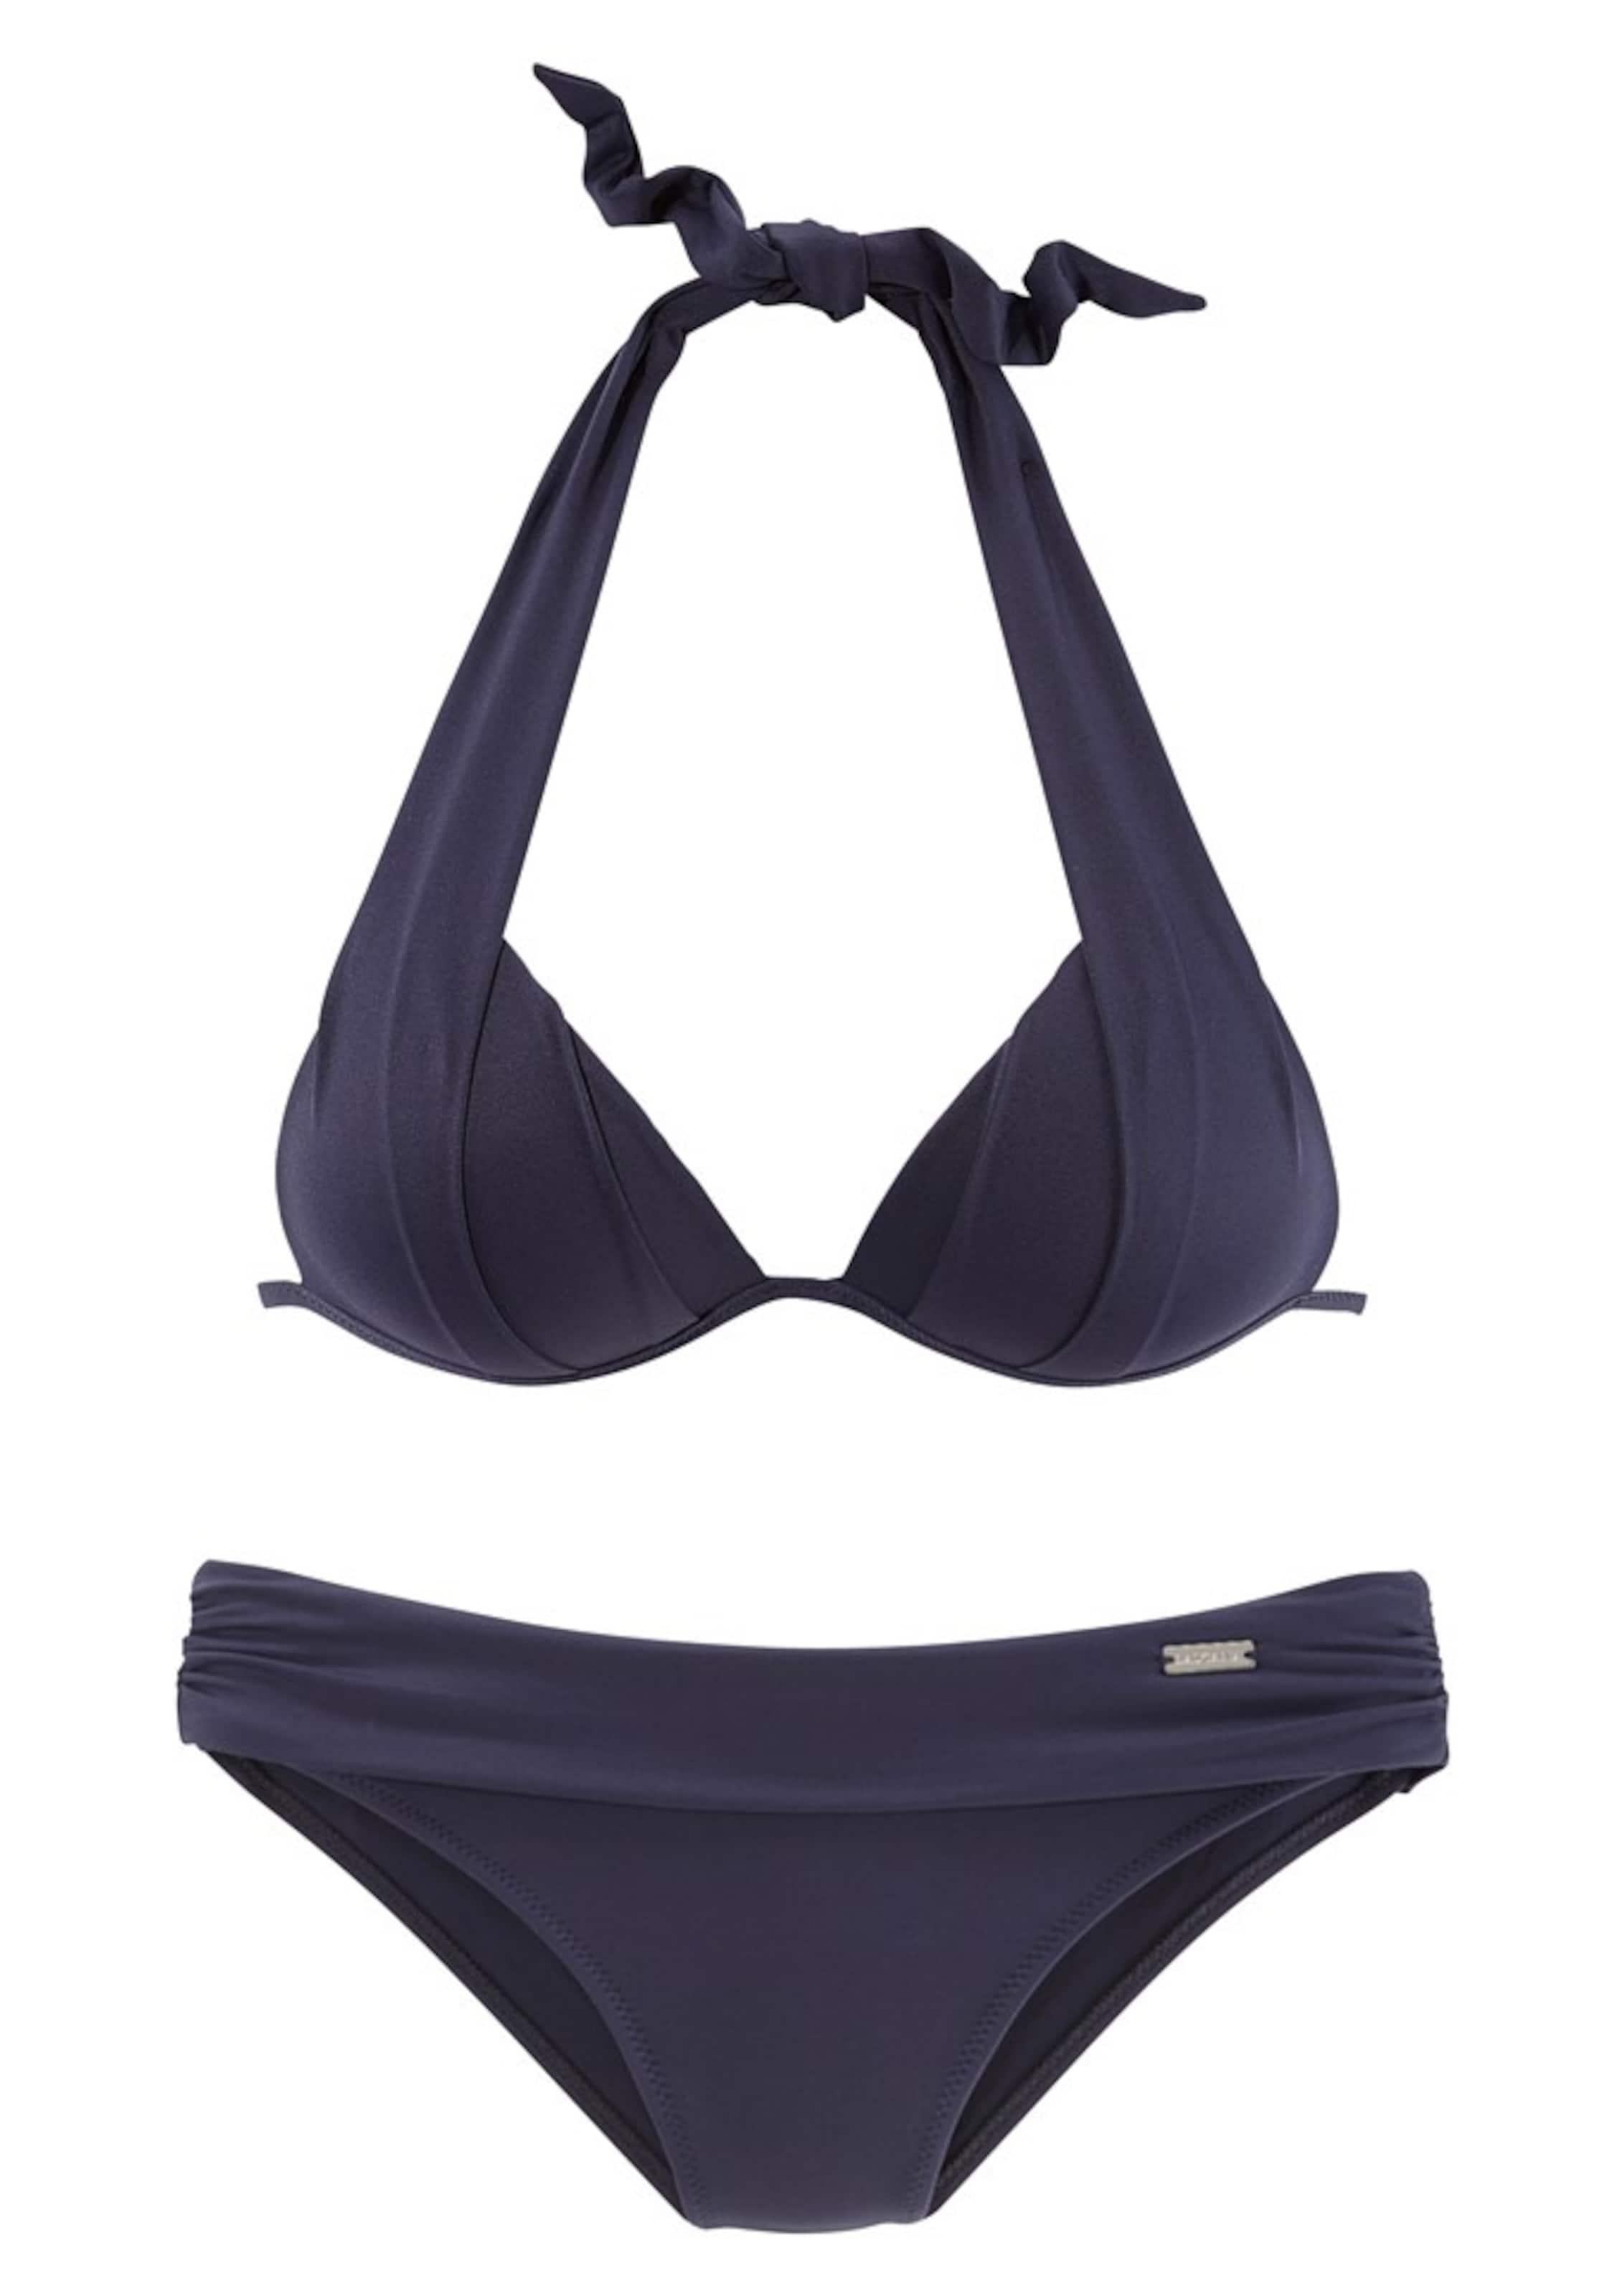 Amazon Online Spielraum Exklusiv LASCANA Triangel-Bikini Auslass Klassisch Günstig Kaufen Offizielle Seite Verkauf Großer Diskont qn7iHi2x